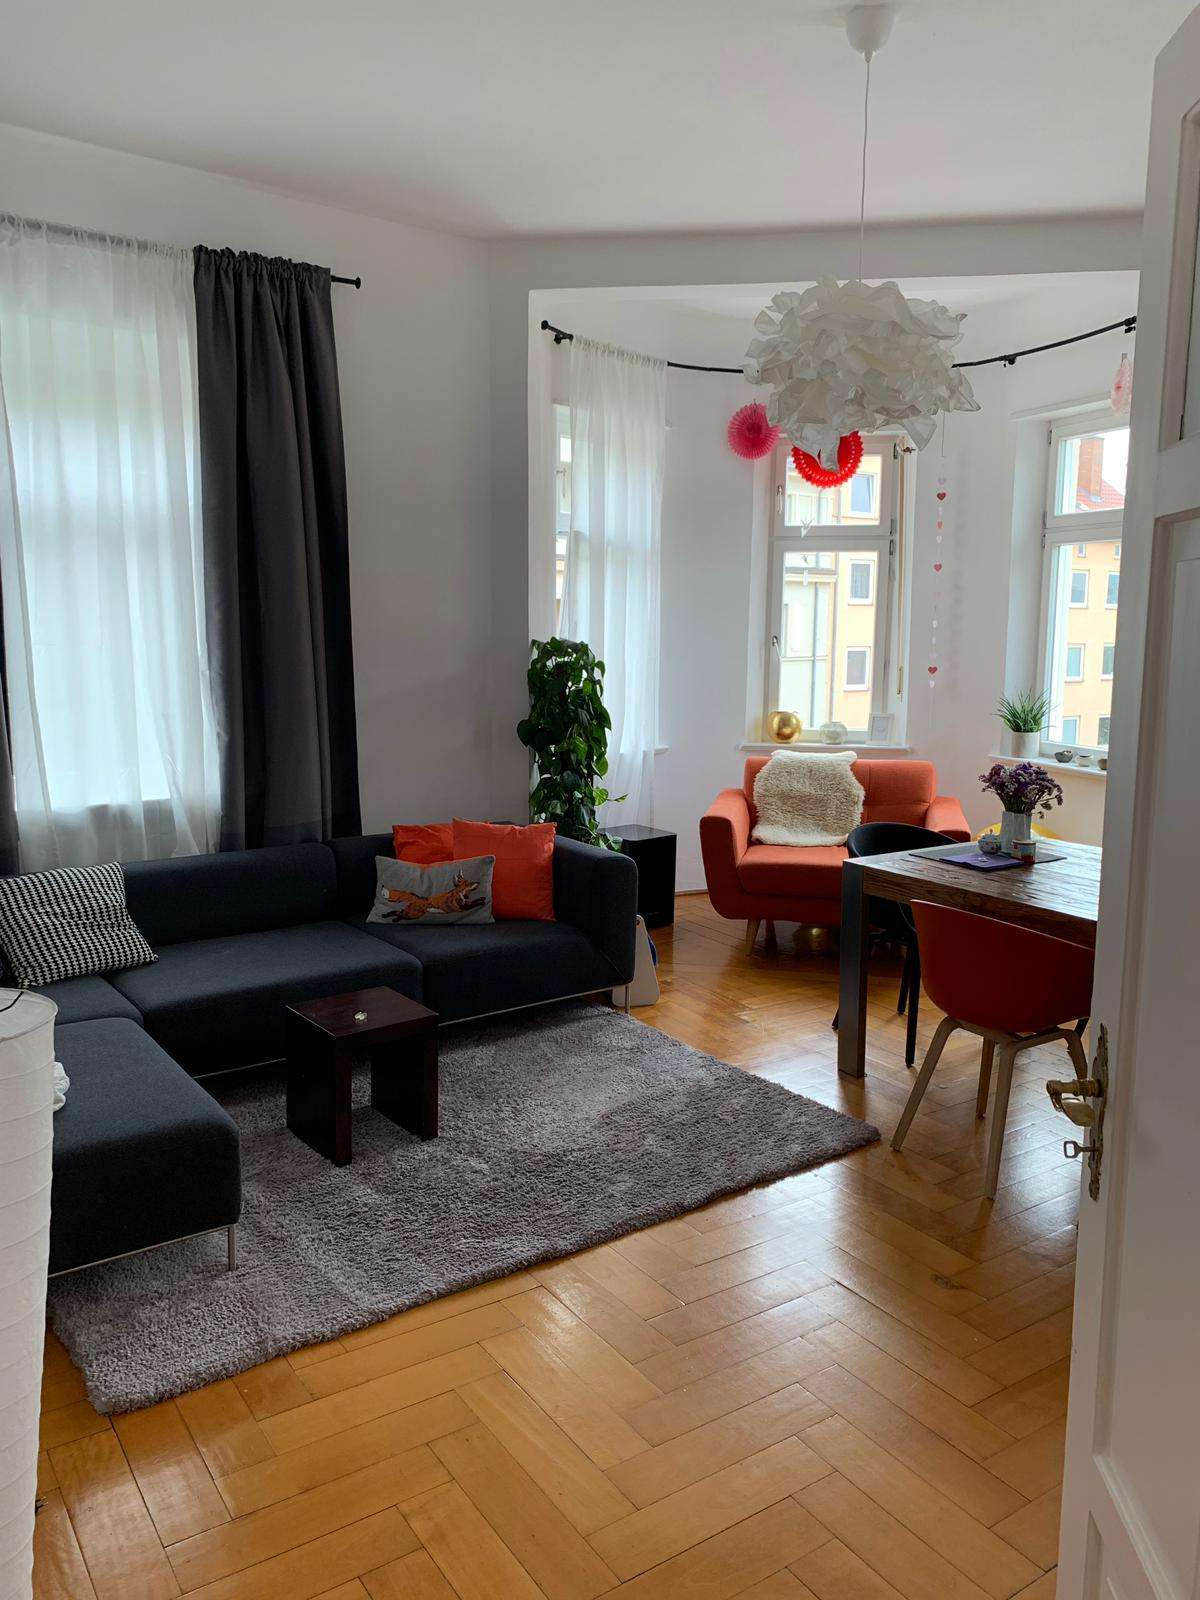 Charmante, hochwertig ausgestattete Altbauwohnung in zentraler Innenstadtlage in Augsburg-Innenstadt